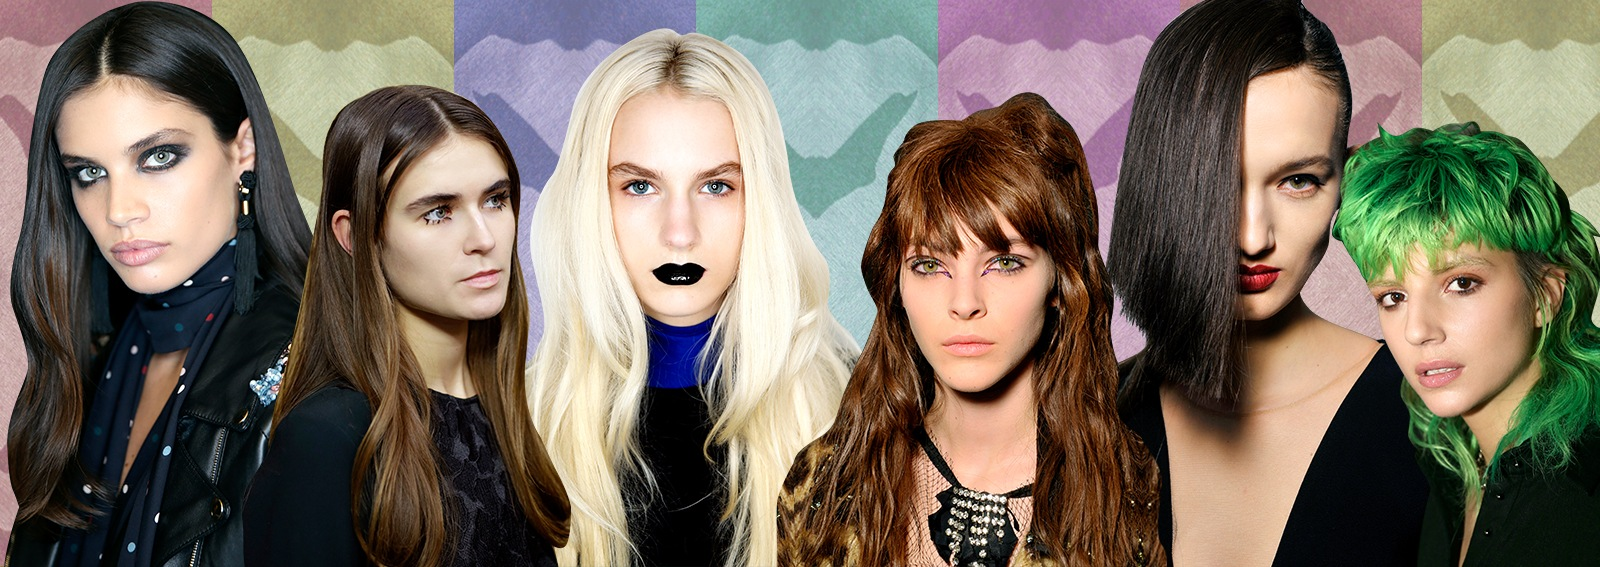 capelli tendenze colore dalle sfilate collage_desktop